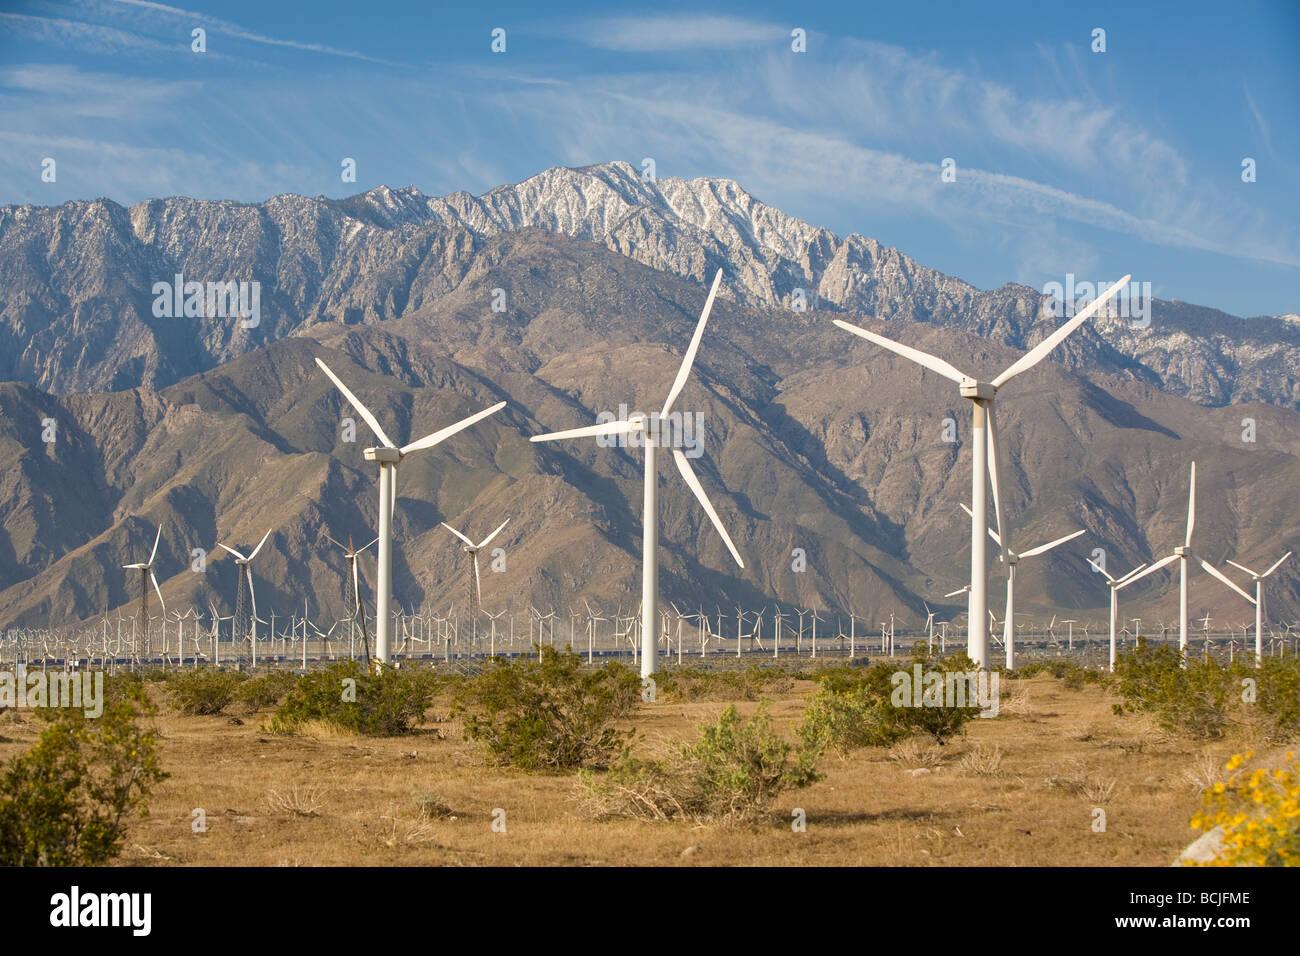 Energie Erzeugung von Windmühlen in Wüste mit Schnee bedeckt San Jacinto Mountains im Hintergrund Palm Stockbild